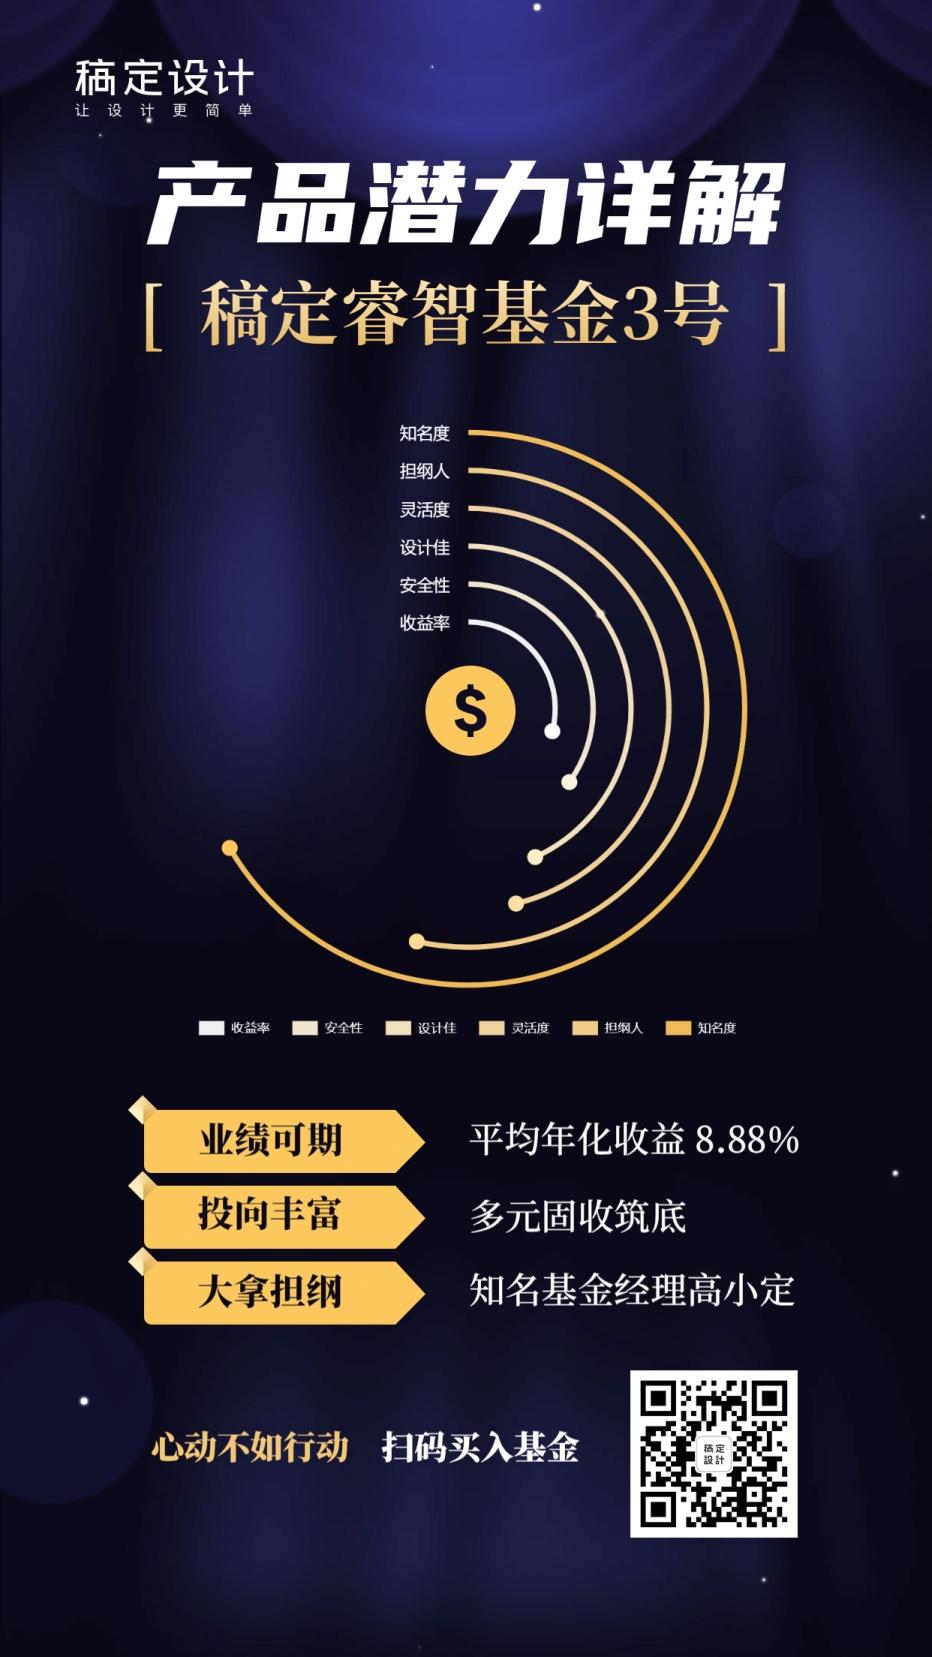 基金产品潜力详情图表海报